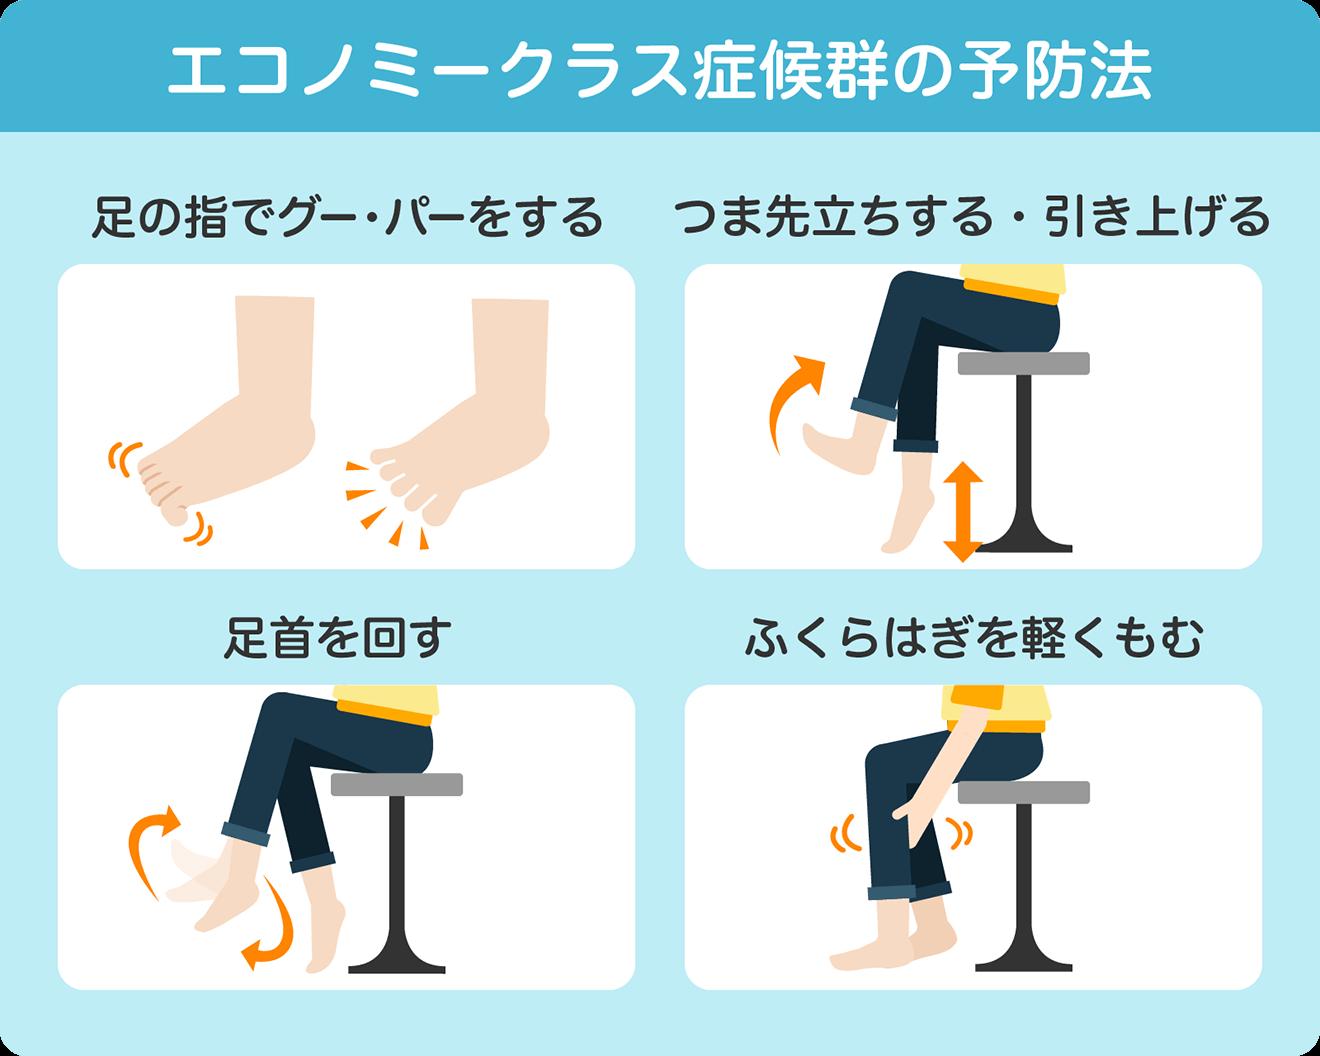 エコノミークラス症候群の予防法 足の指でグーパーをする つま先立ちする・引き上げる 足首を回す ふくらはぎを軽くもむ